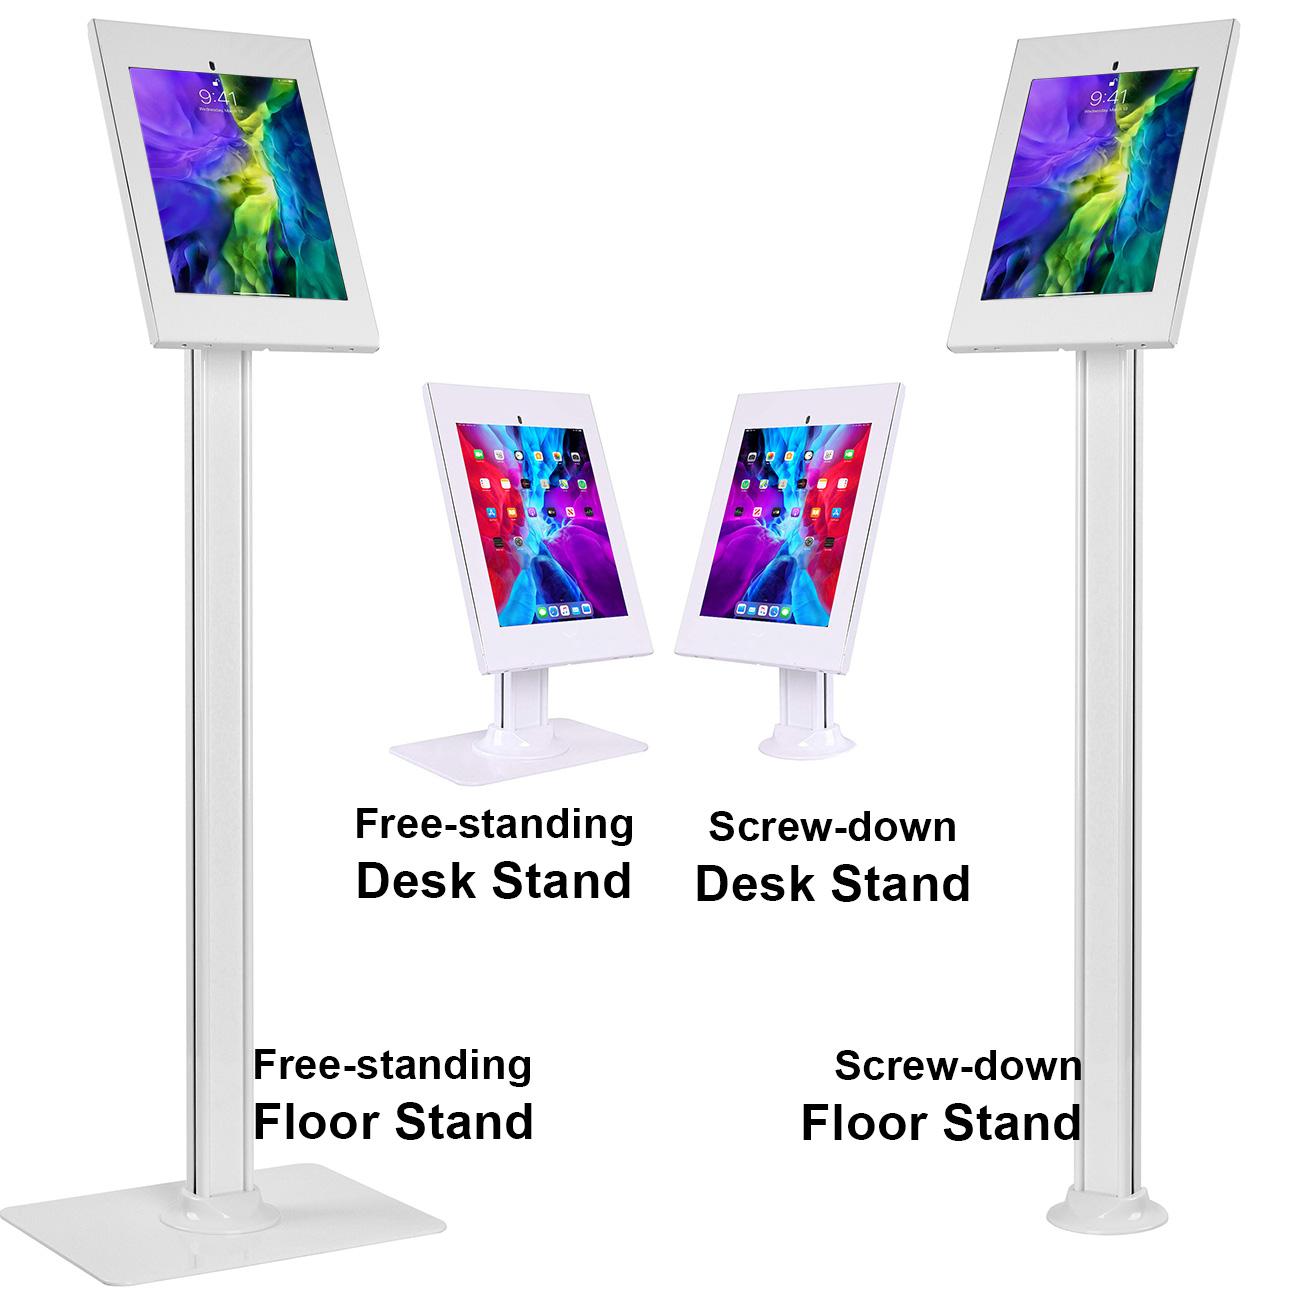 2600-serues ipad kiosk floor stand